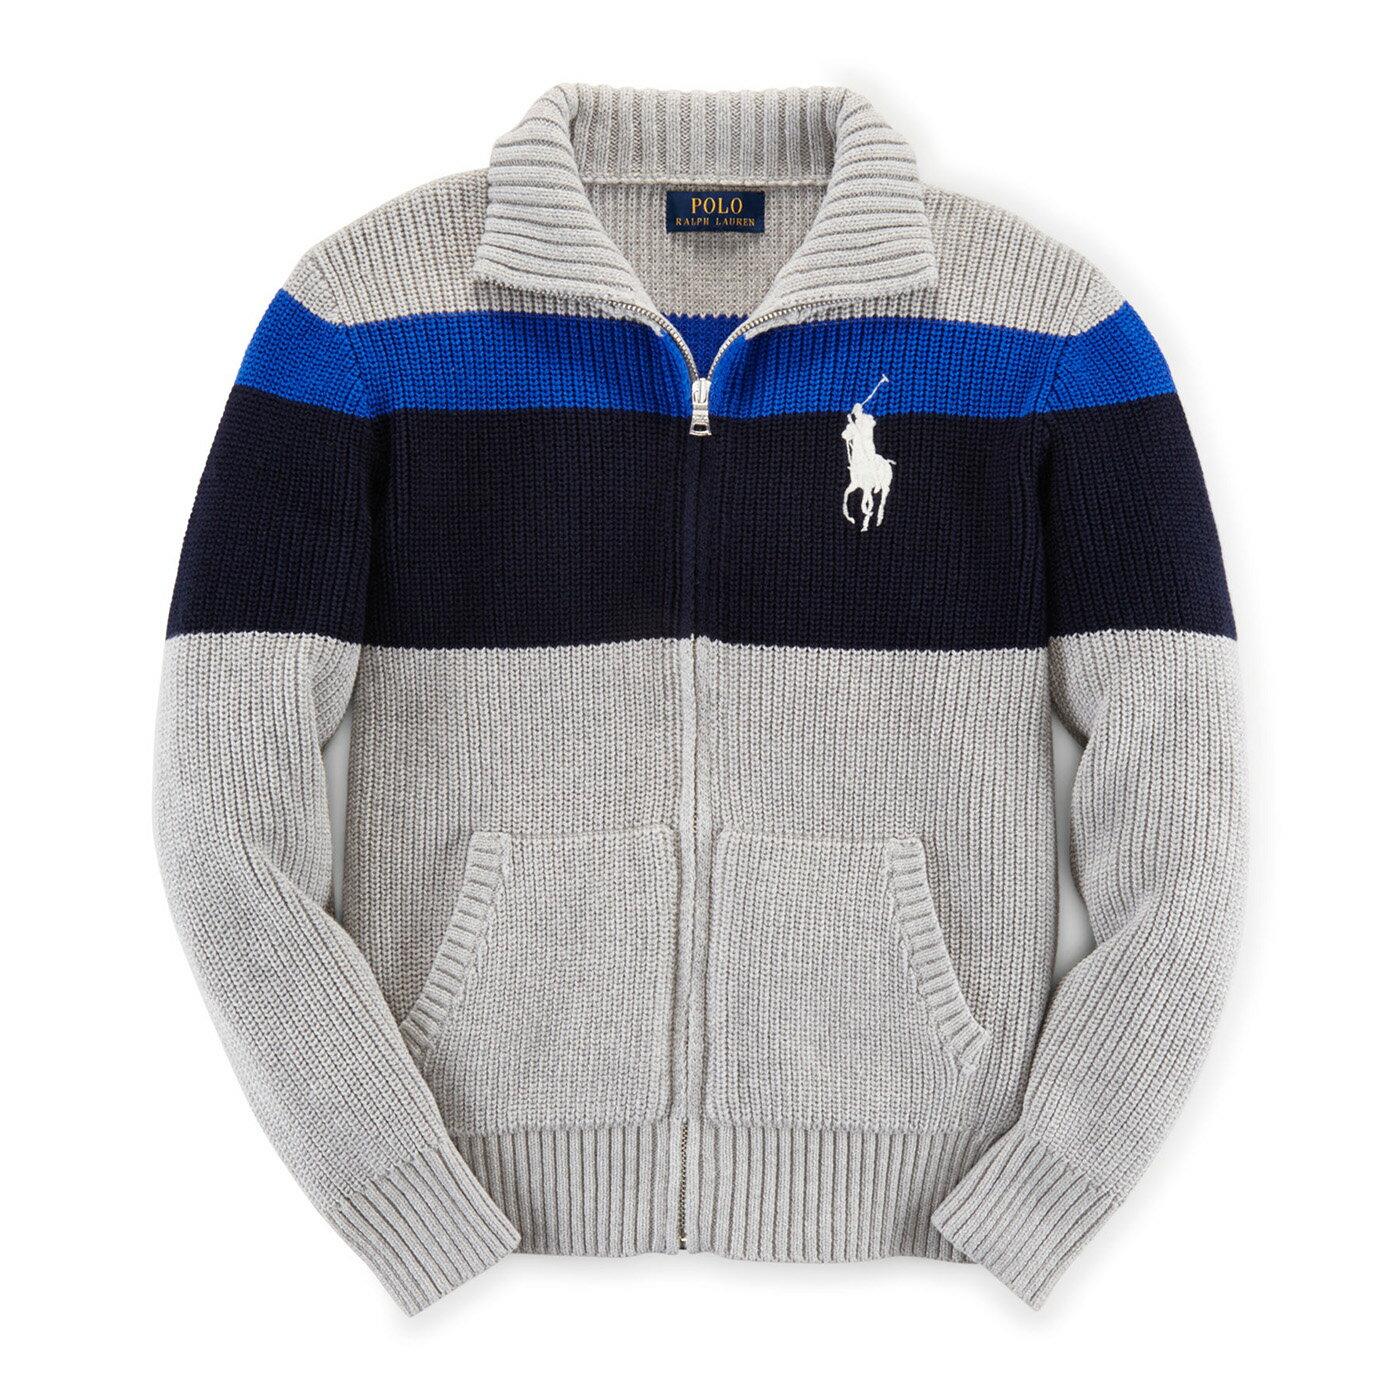 美國百分百【Ralph Lauren】RL polo 針織 立領 外套 大馬 條紋 線衫 深藍 寶藍 灰色 XS S號 G302